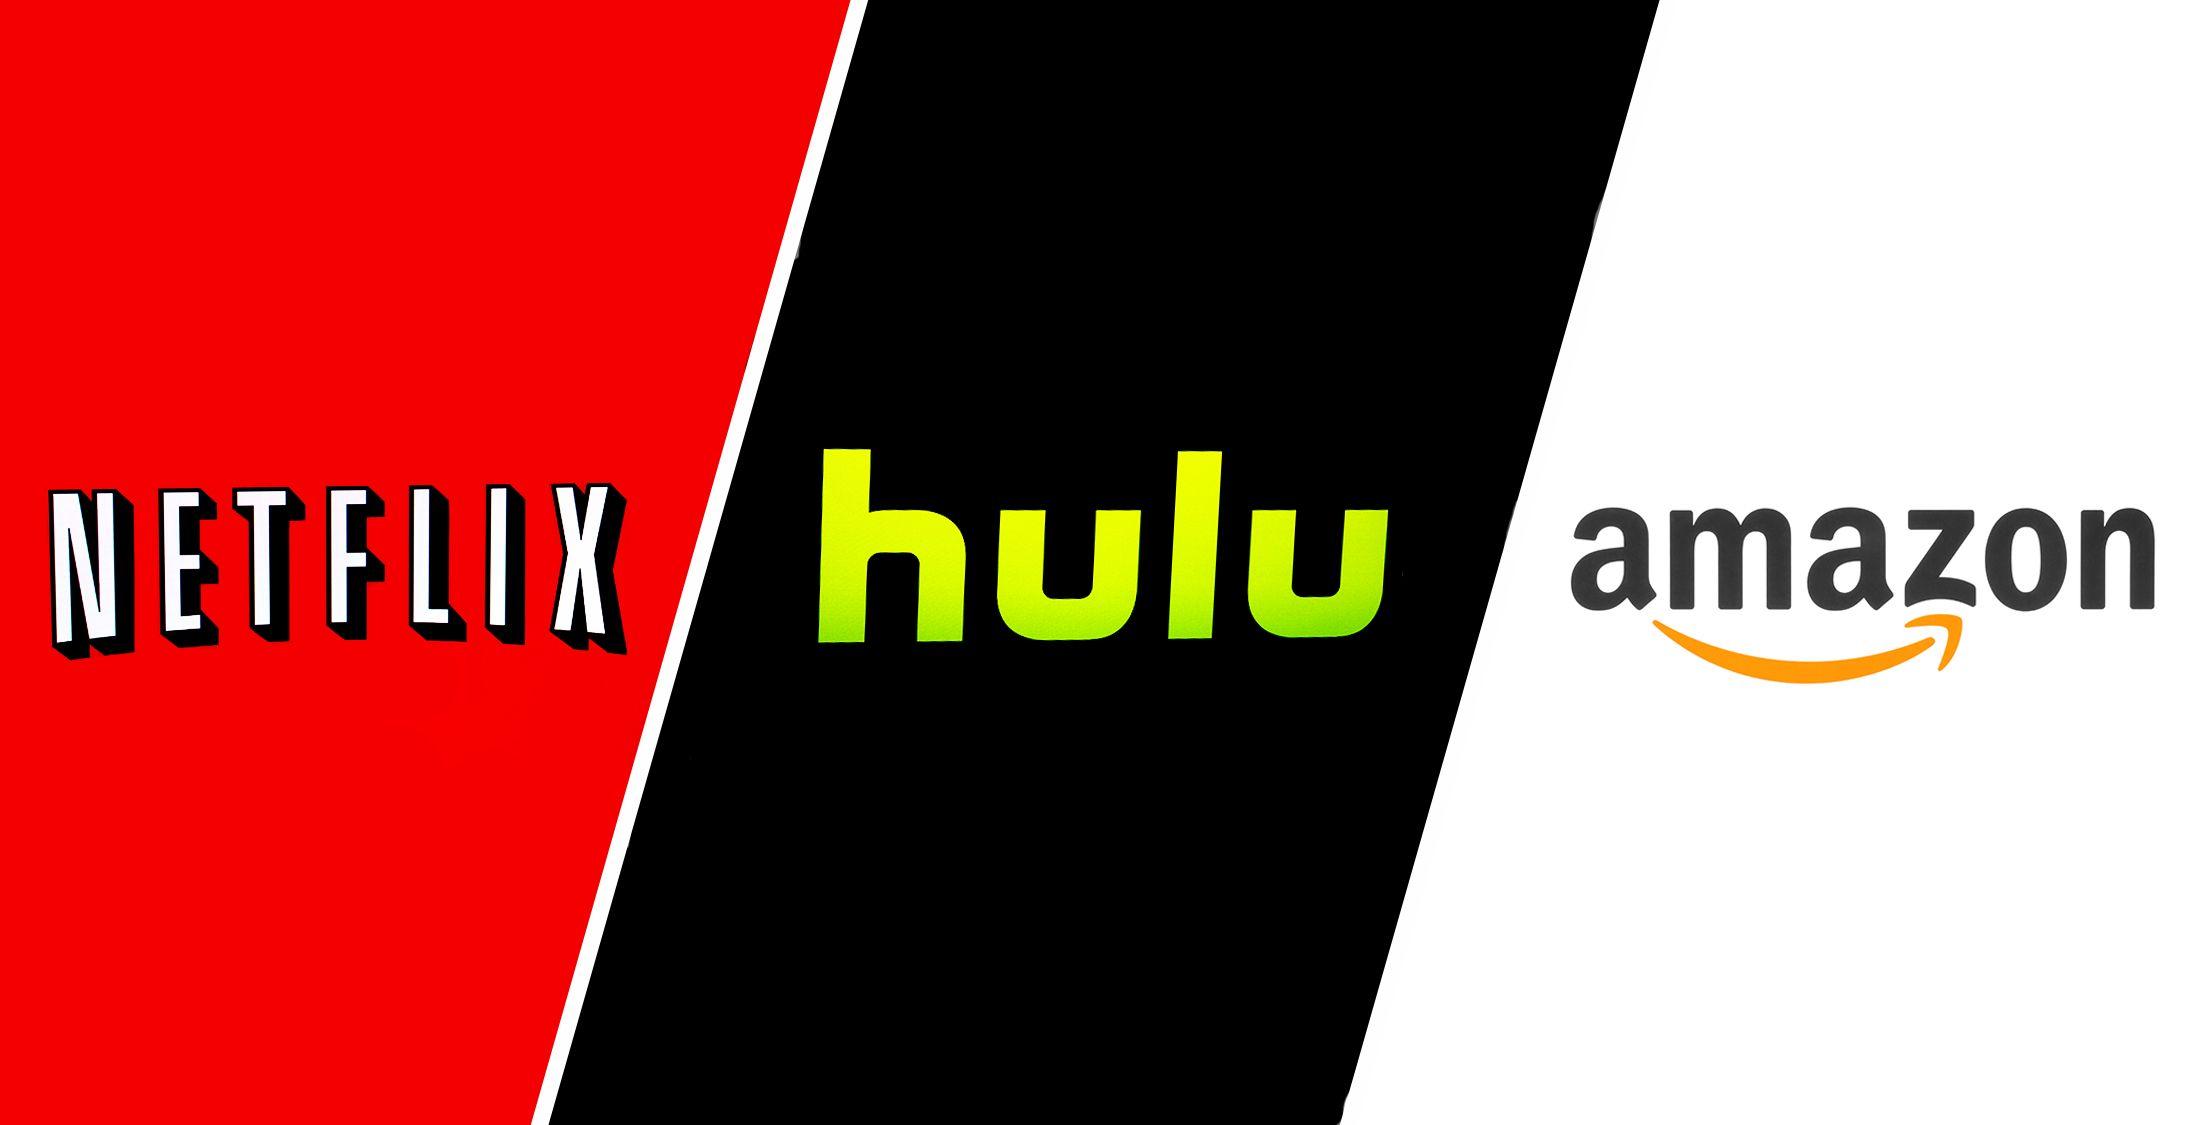 netflix hulu and amazon logos